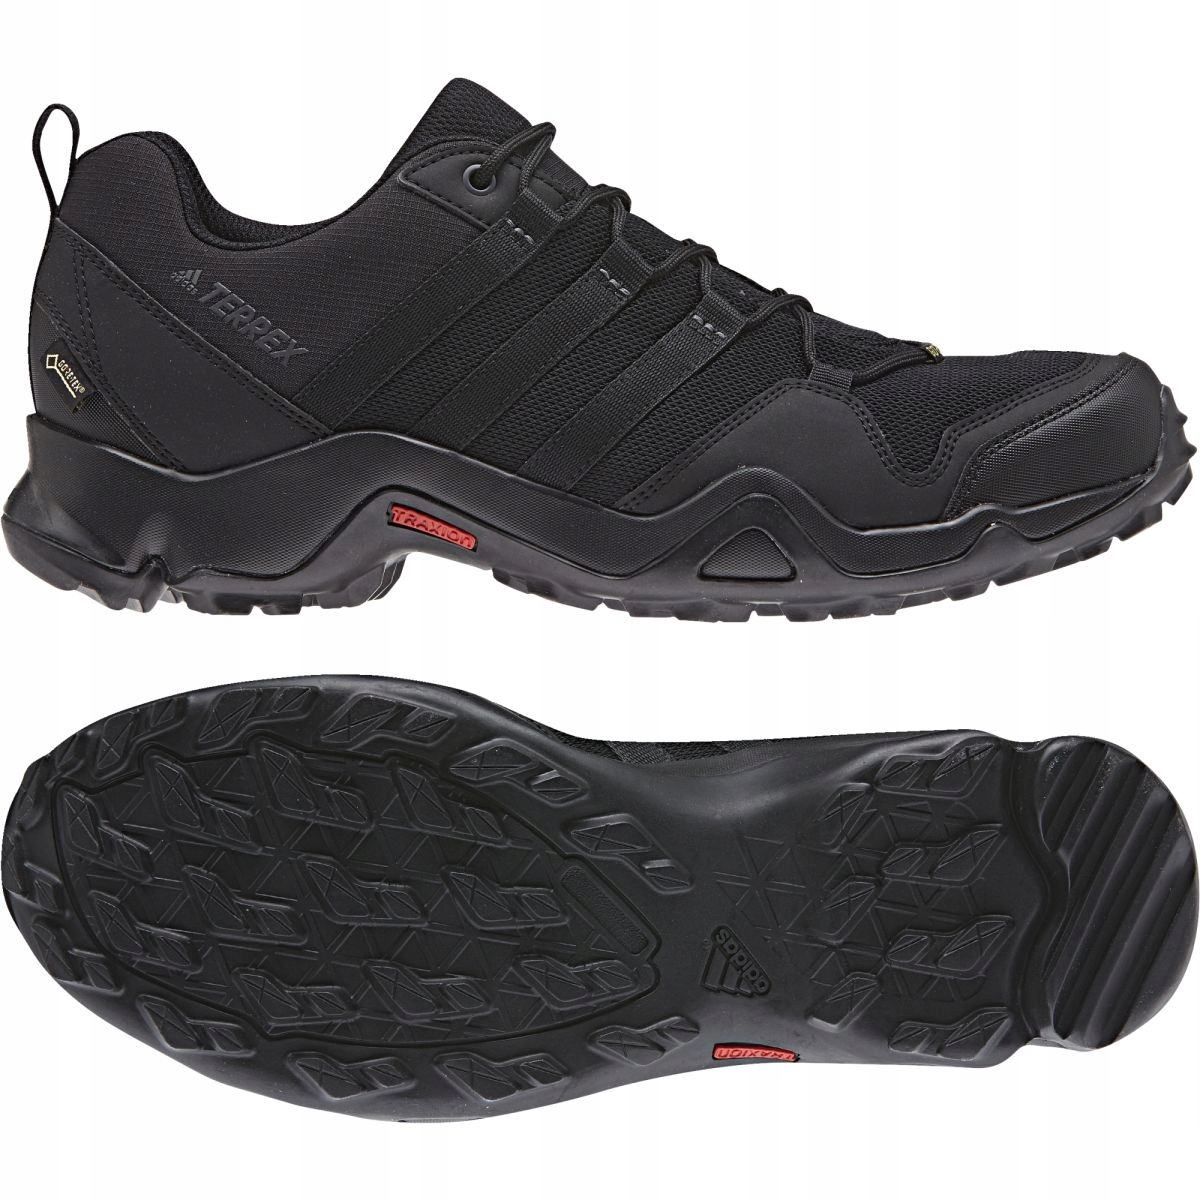 Buty adidas Terrex AX2R GTX CM7715 45 13 7710325625